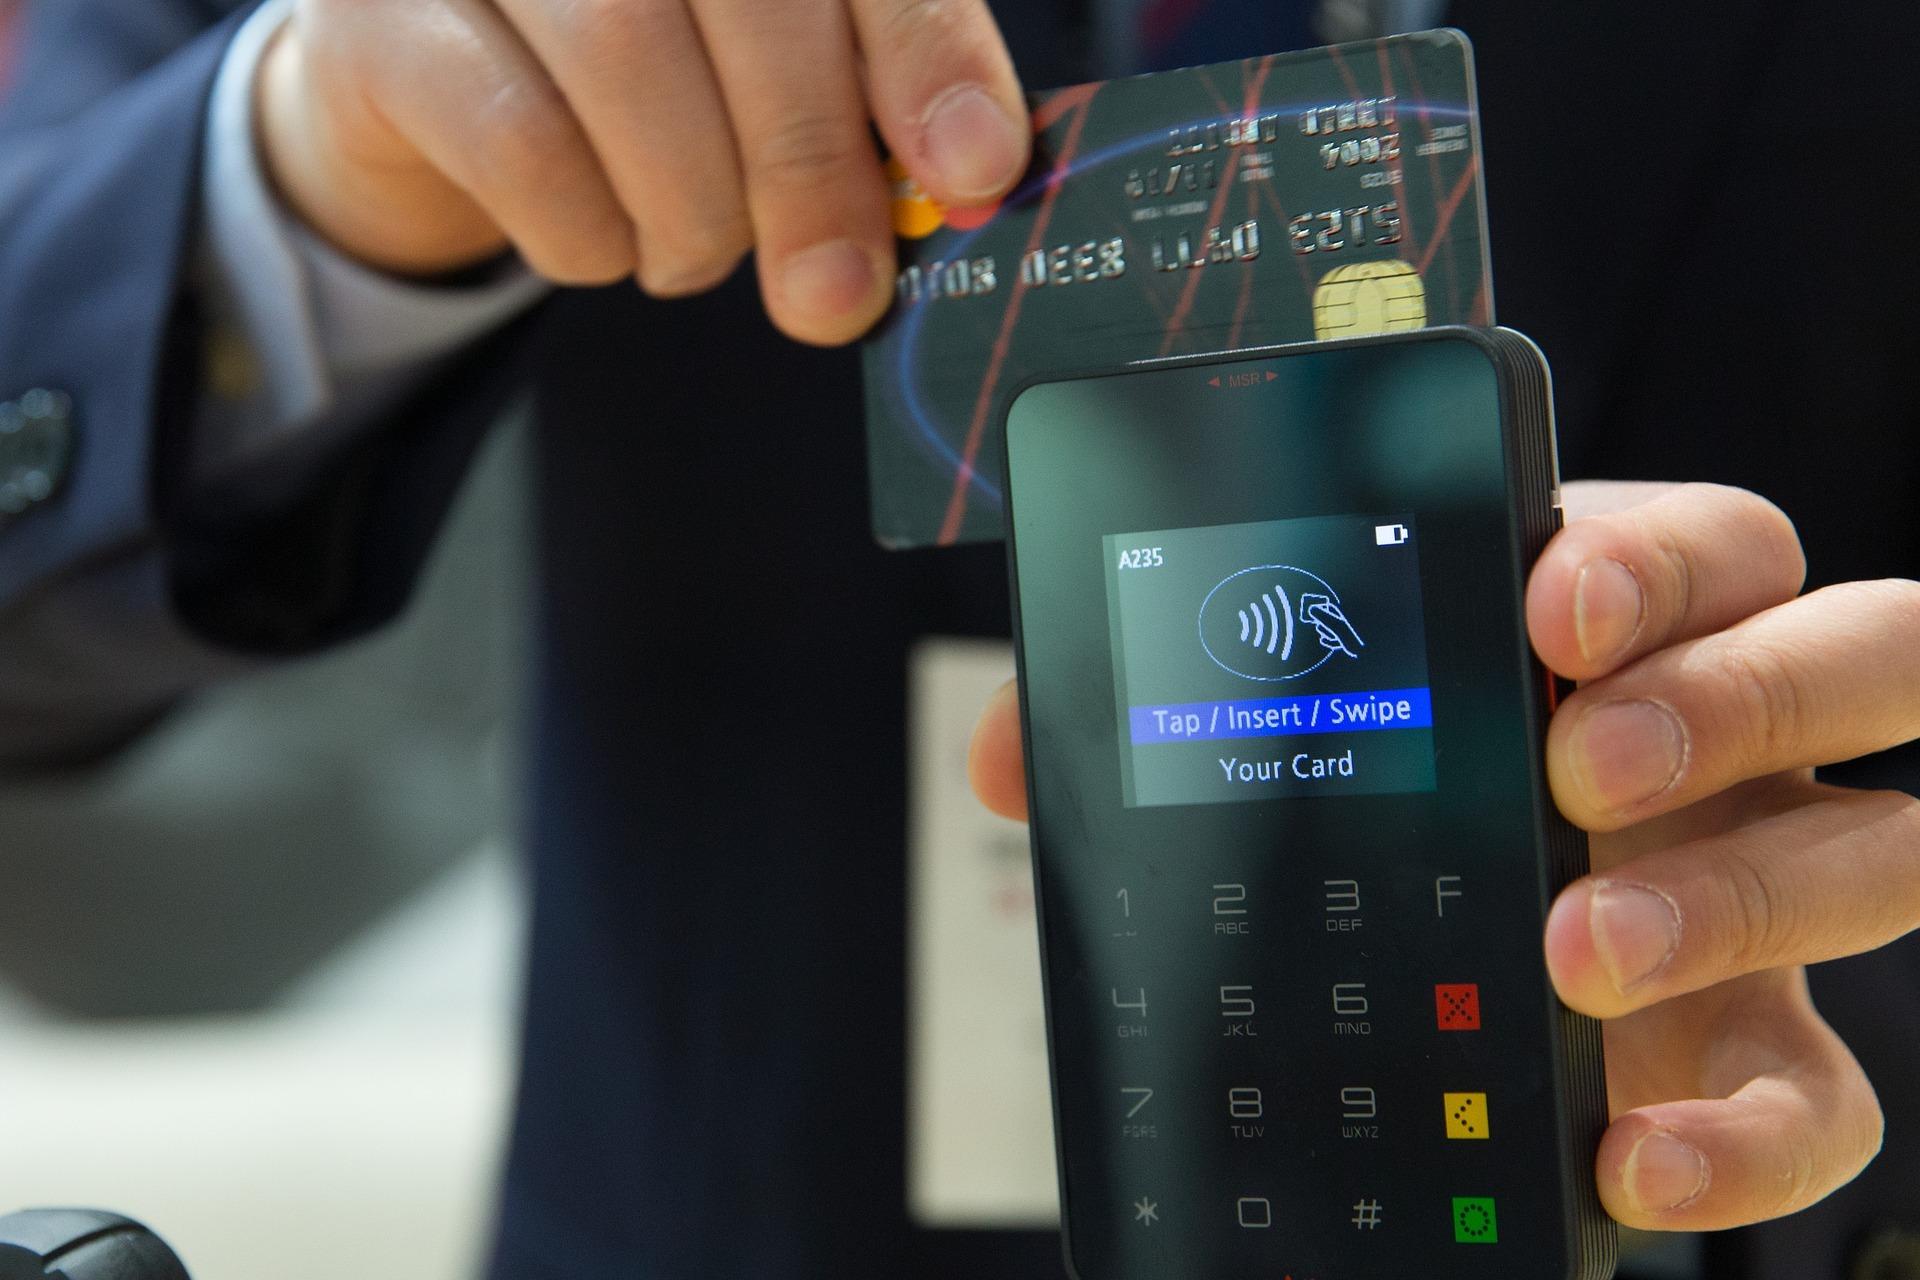 Bargeldlose Zahlungsmethoden werden in Folge der Coronakrise immer beliebter. Sehr zu Freude der Banken, die von den Gebühren der Händler für diese Leistung profitieren.